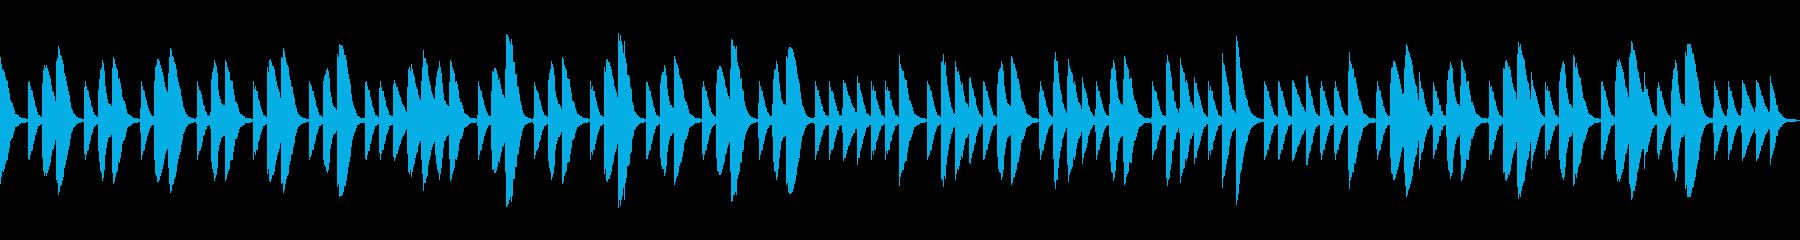 可愛いマリンバとコンガのシンプルな曲ですの再生済みの波形